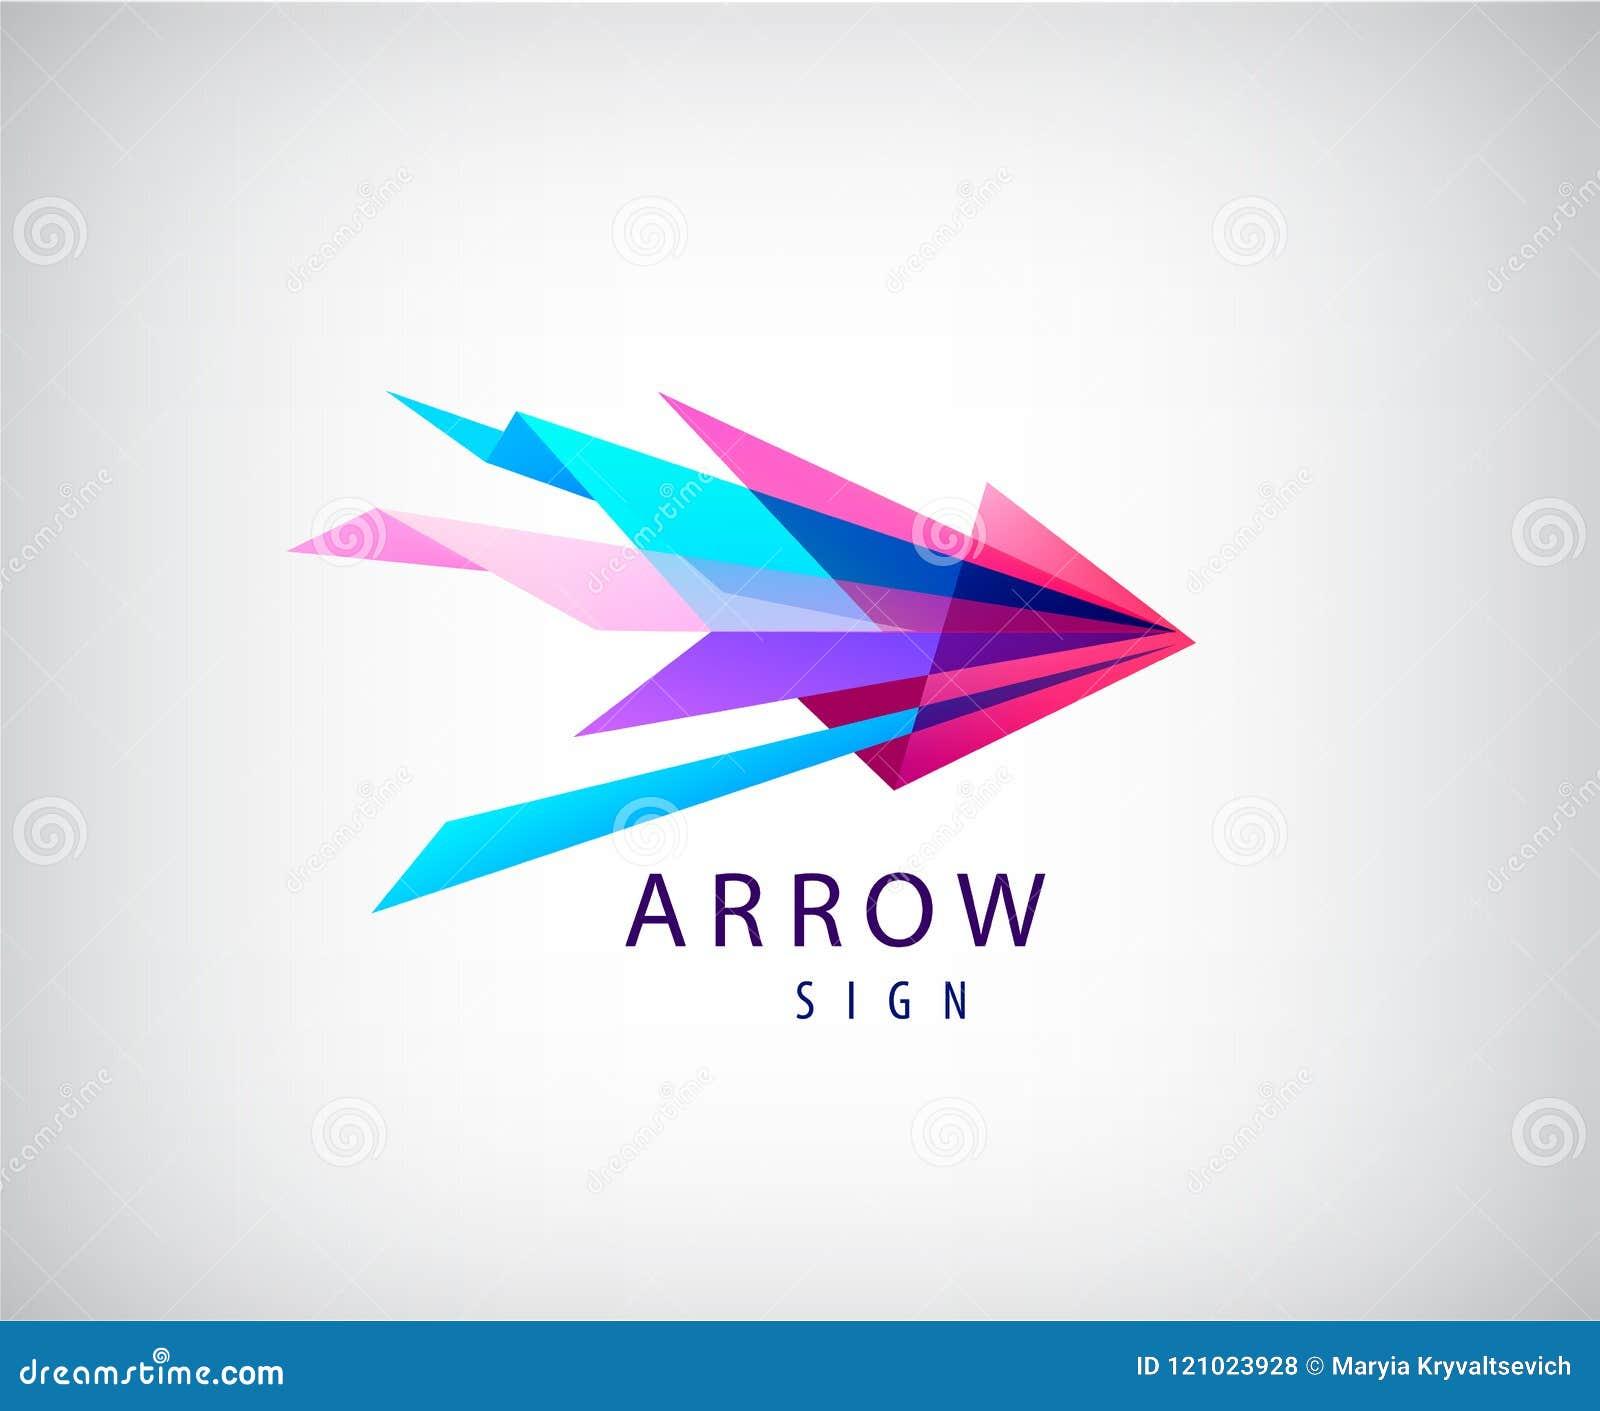 Wektorowy abstrakcjonistyczny strzałkowaty logo, origami faceted ikonę, sieć